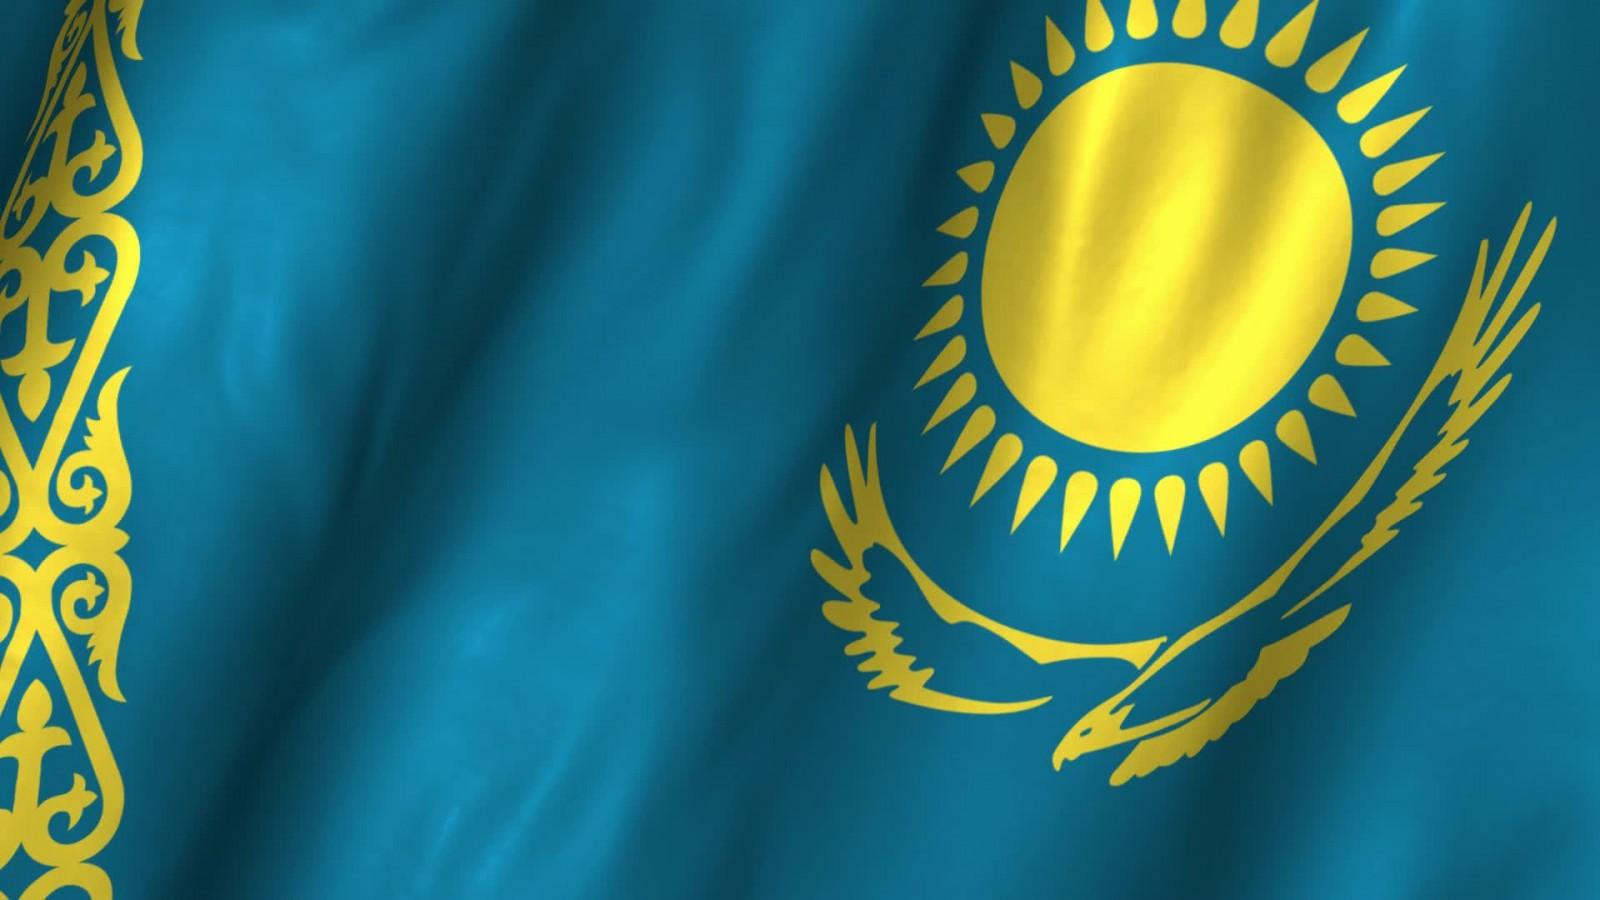 Казахстан выдвинет свою кандидатуру на позицию председателя Группы развивающихся стран, не имеющих выхода к морю